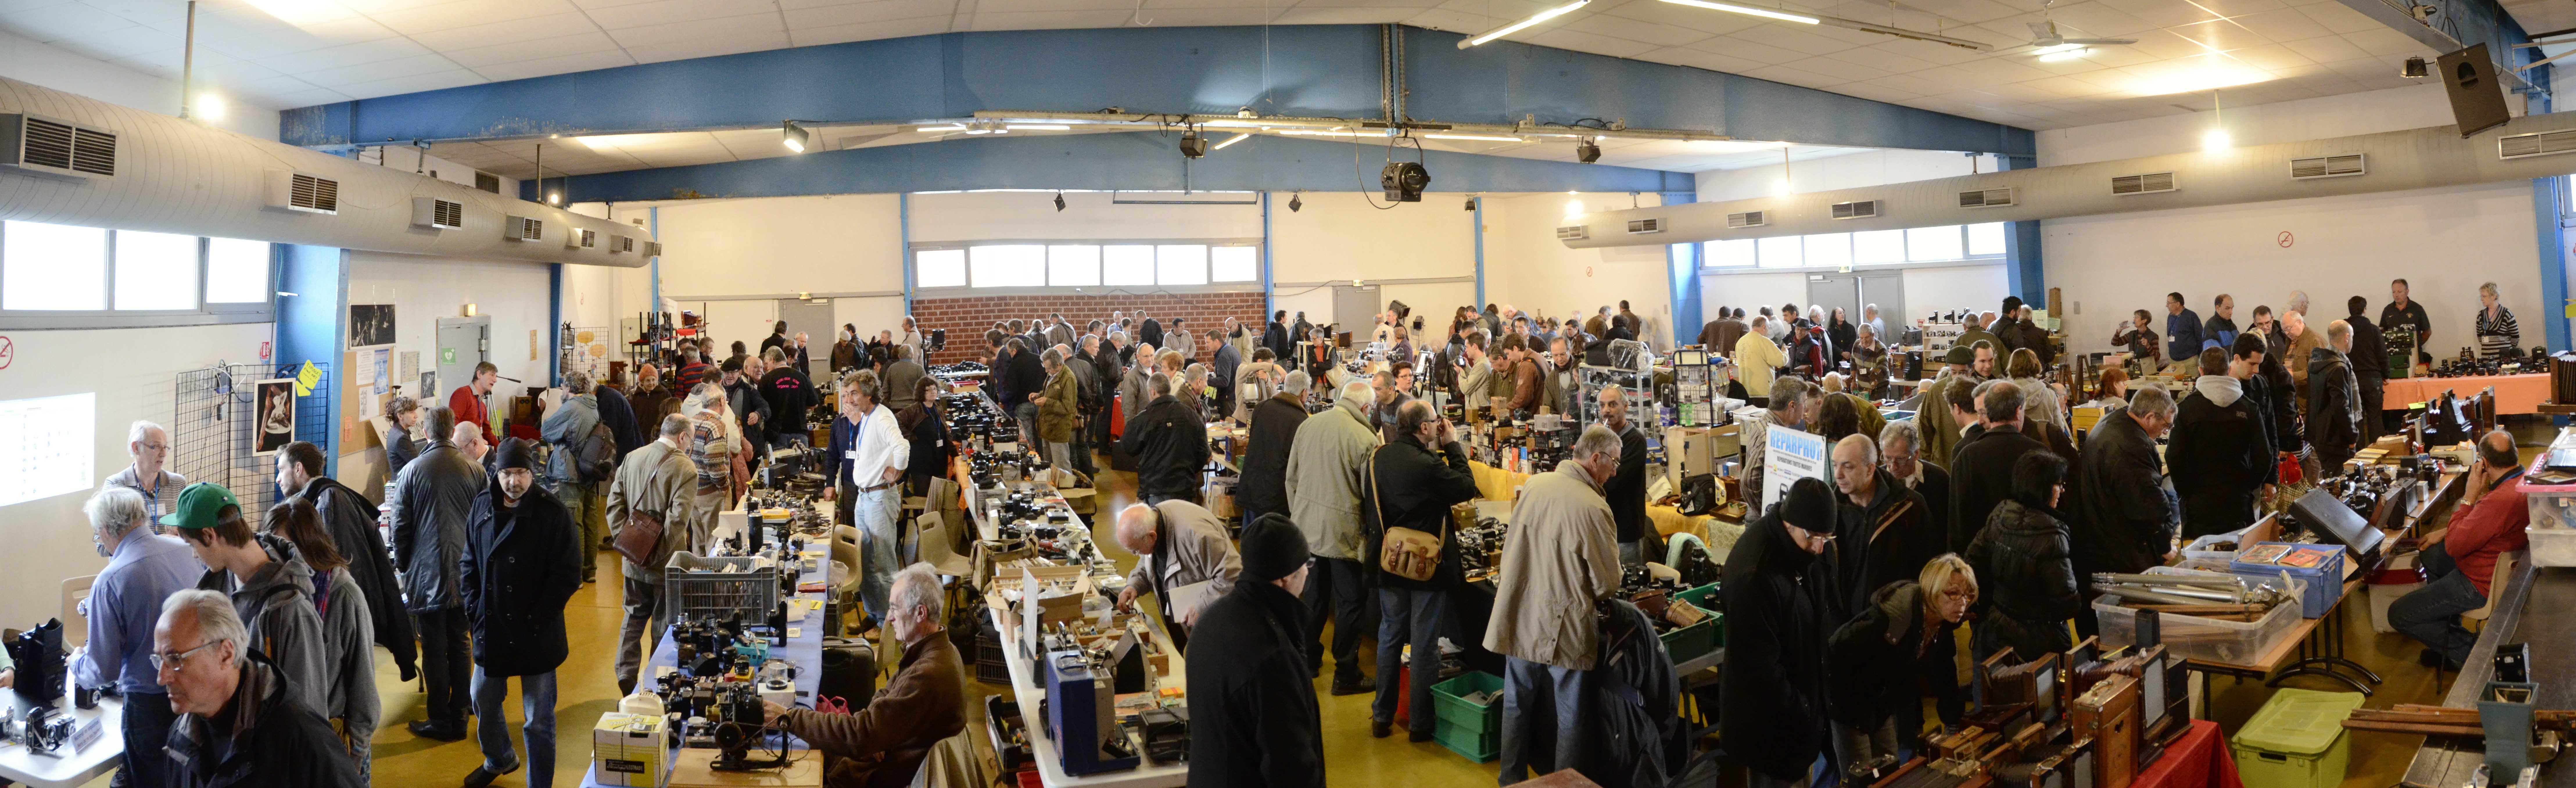 31 - Villeneuve-Tolosane • Bourse au matériel photo, ciné et préciné